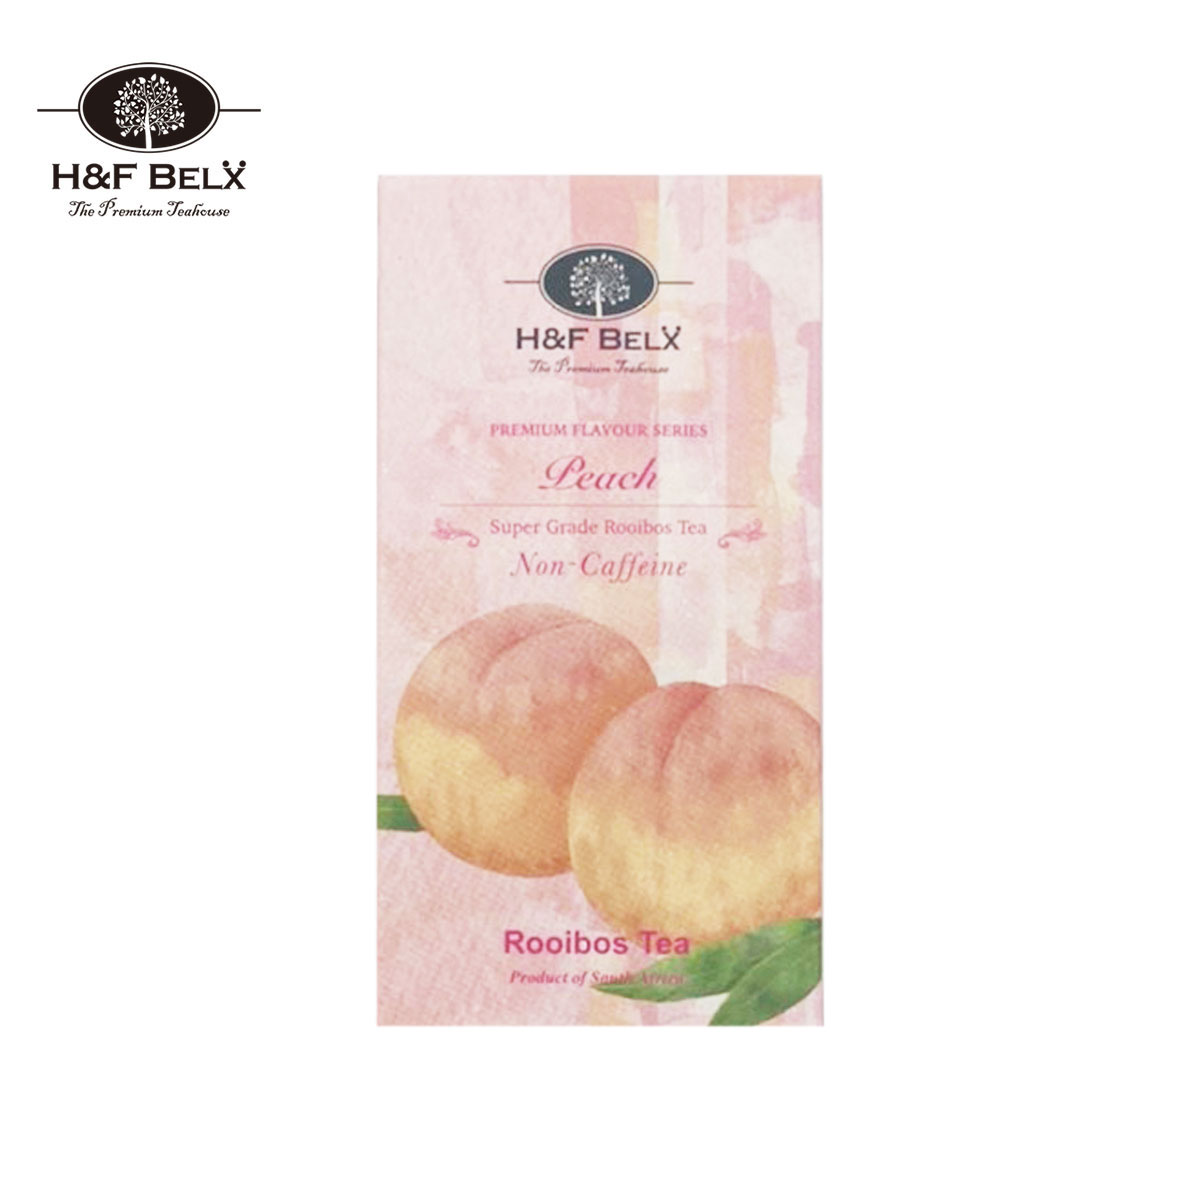 ピーチフレーバールイボスティー|甘く香る桃の香り